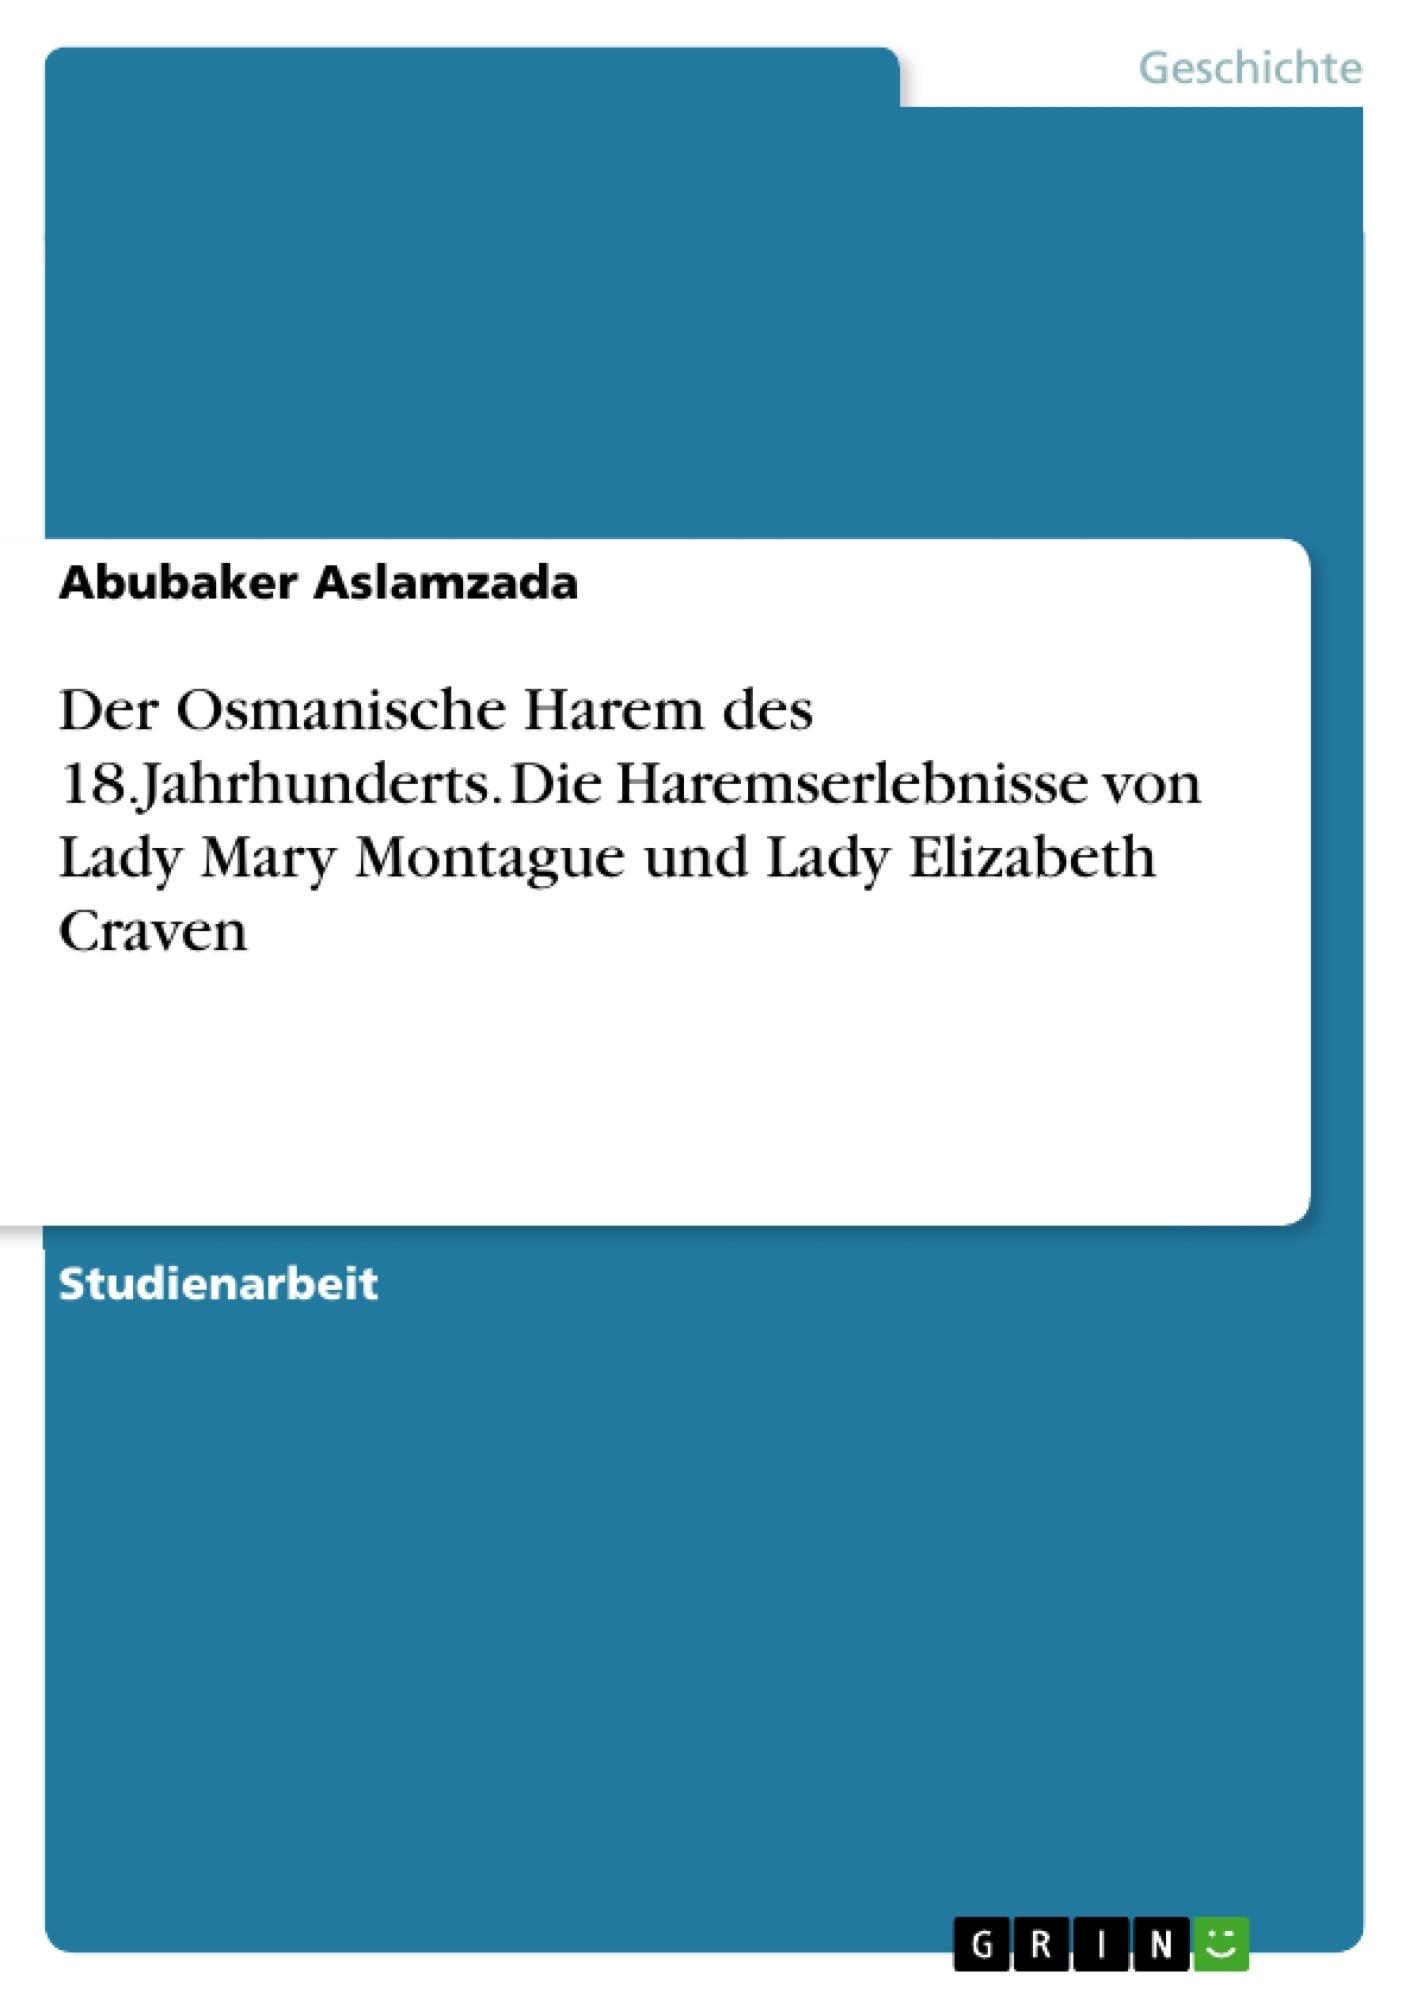 Titel: Der Osmanische Harem des 18.Jahrhunderts. Die Haremserlebnisse von Lady Mary Montague und Lady Elizabeth Craven